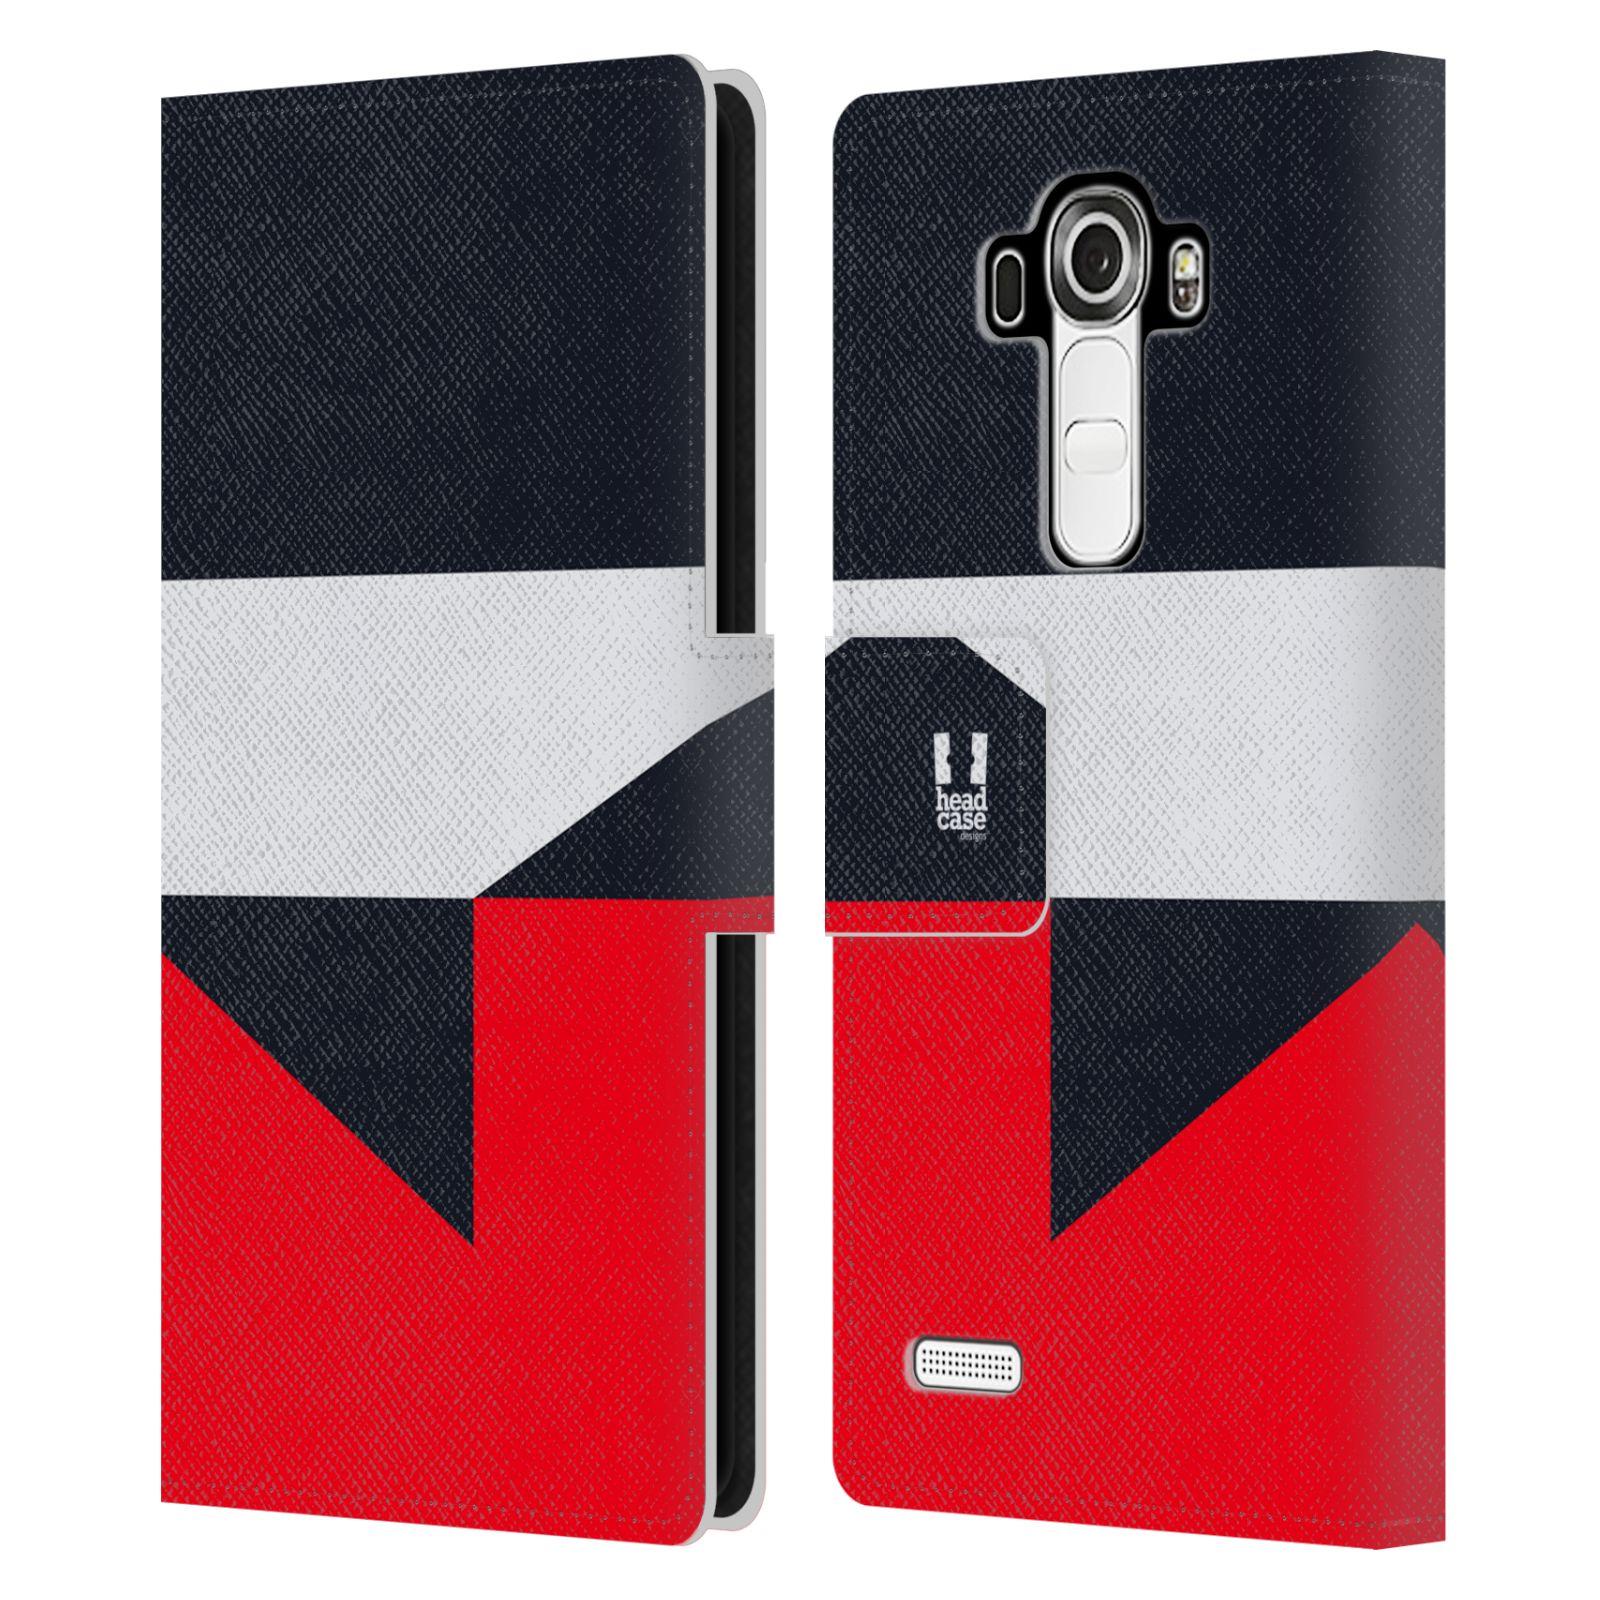 HEAD CASE Flipové pouzdro pro mobil LG G4 barevné tvary černá a červená gejša